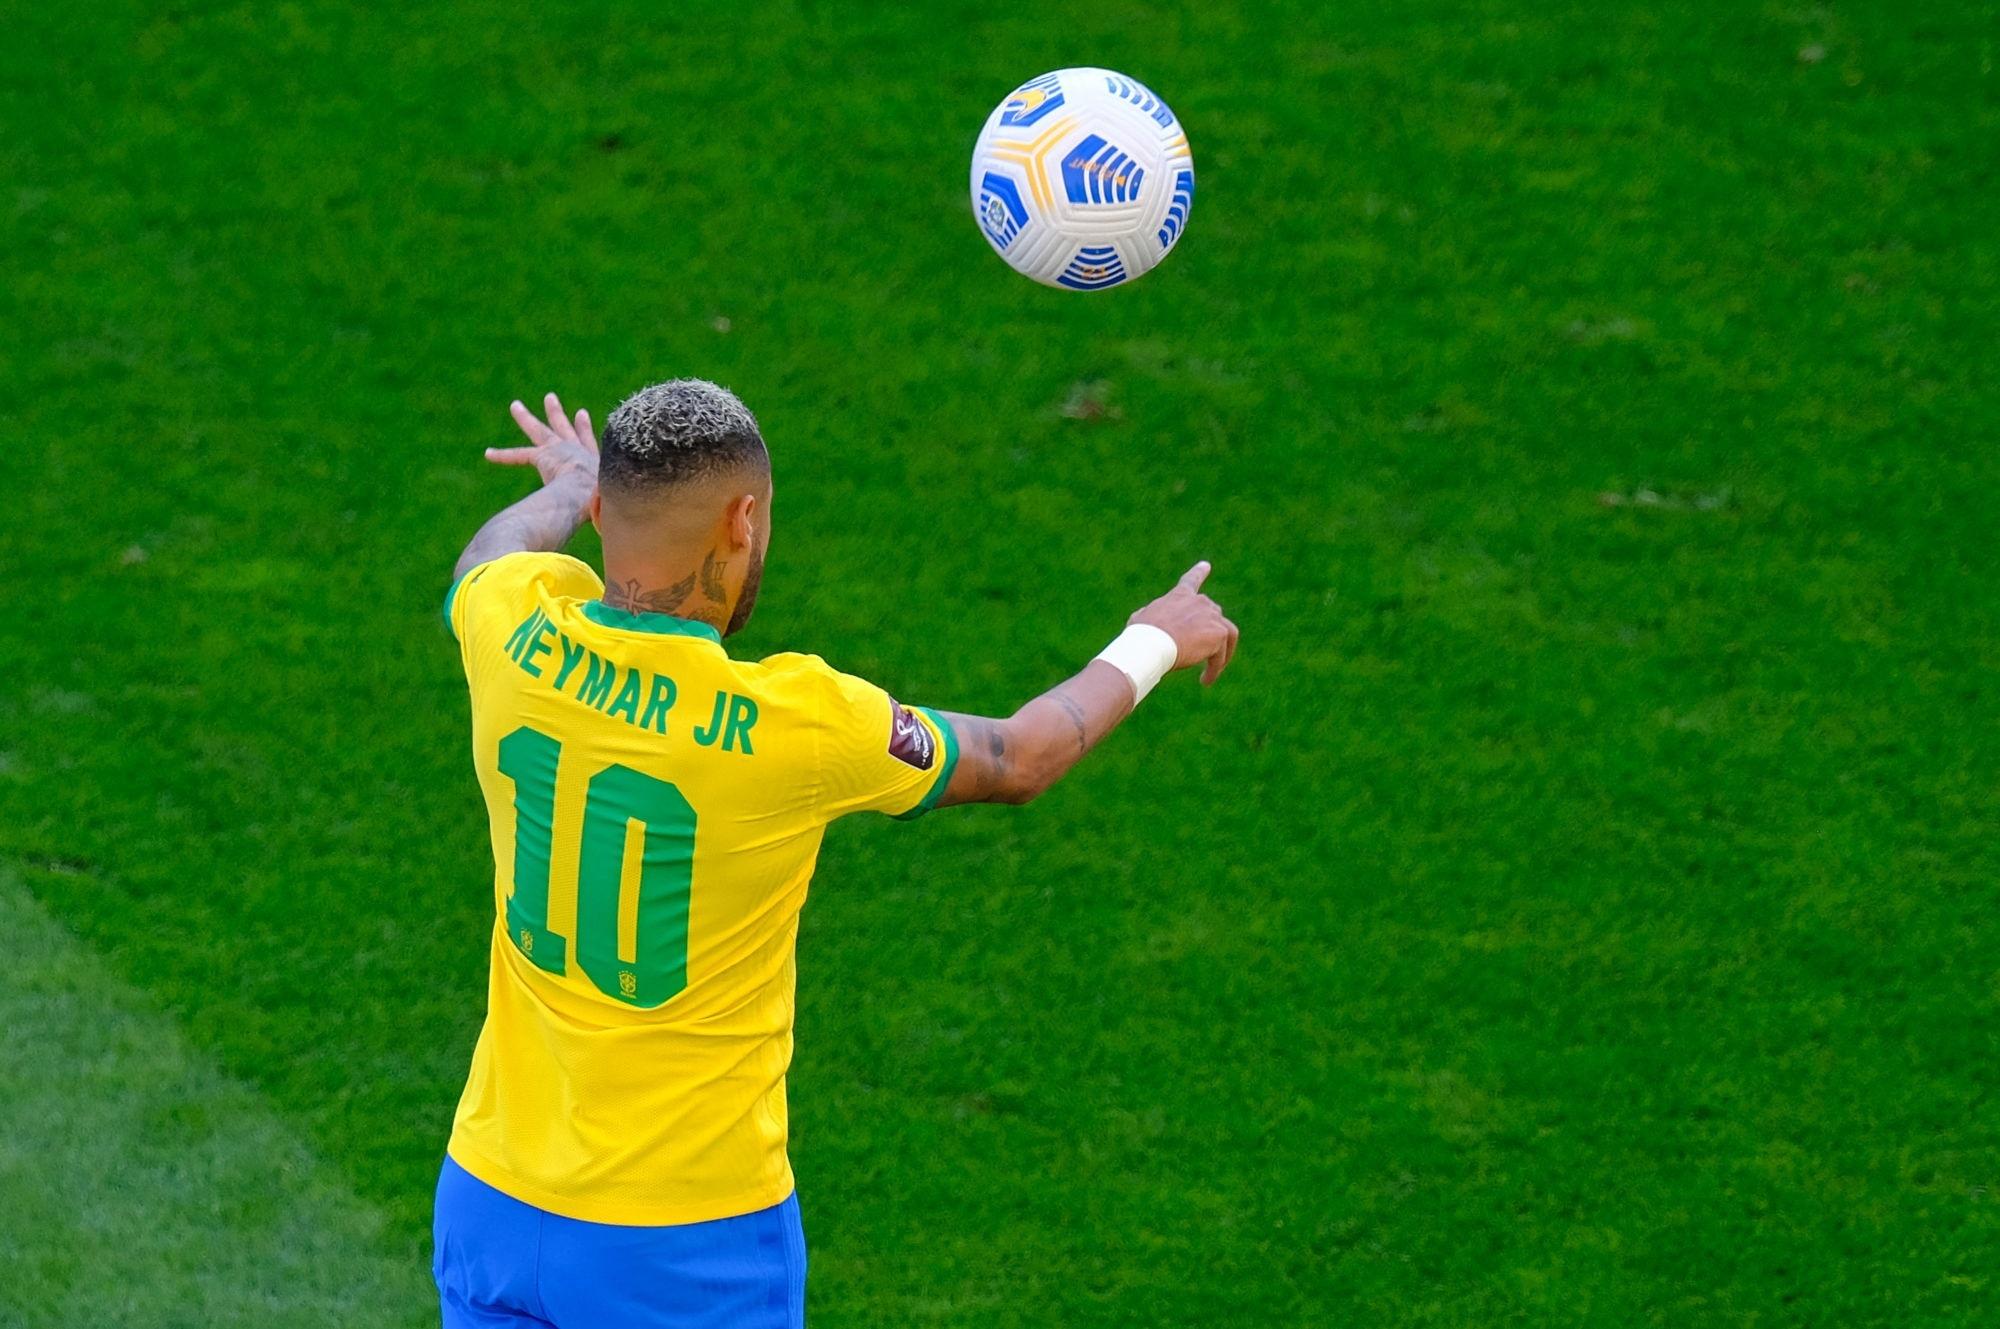 Garétier prend la défense de Neymar après sa déclaration